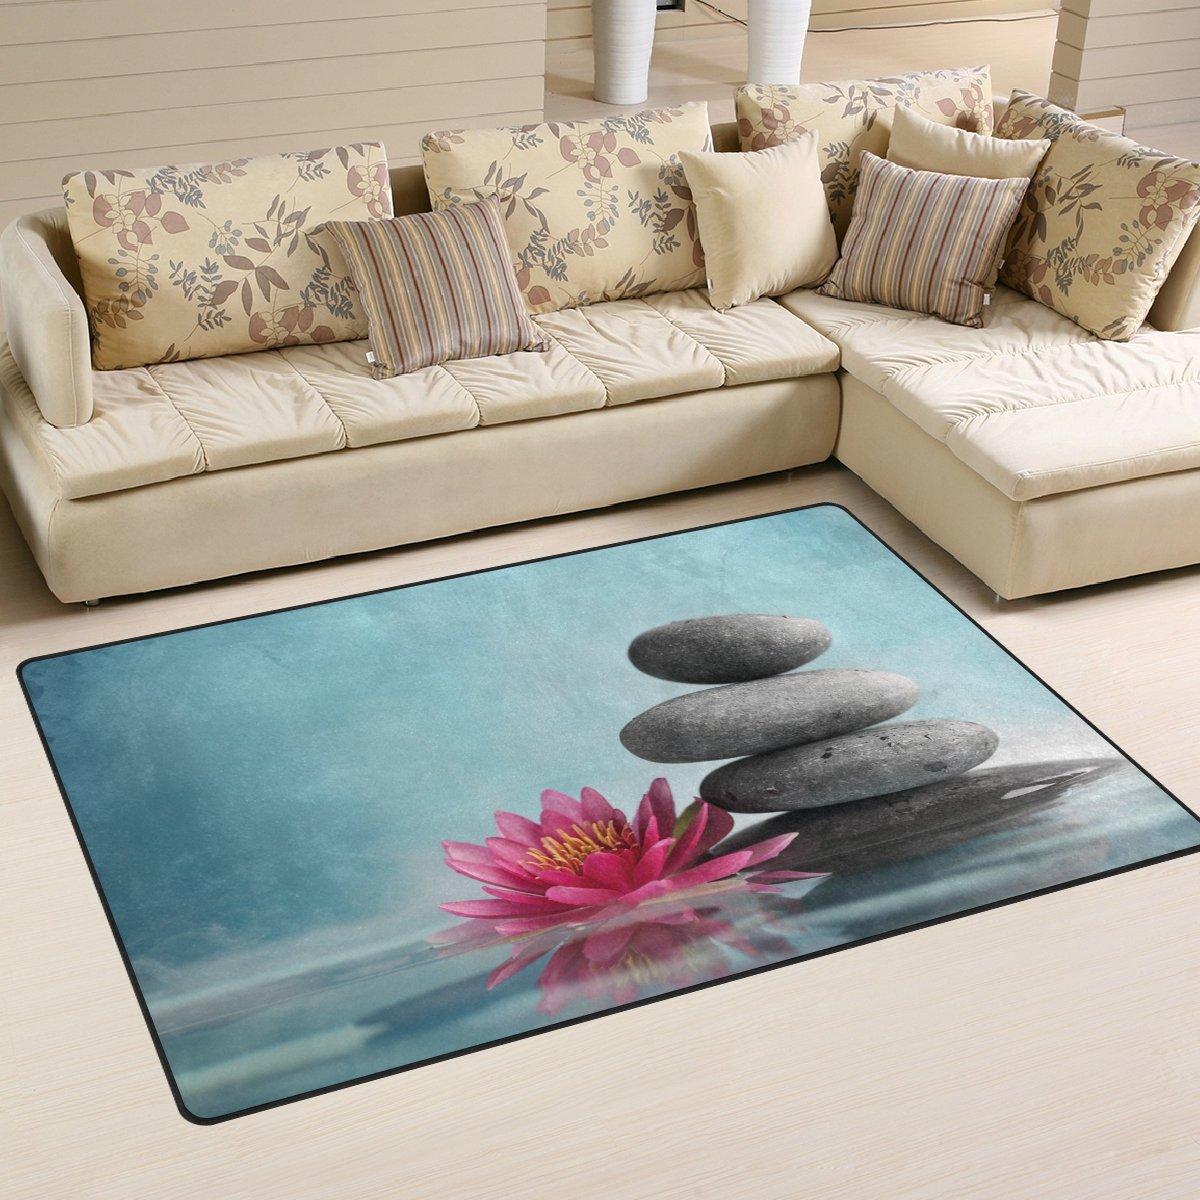 WellLee Area Rug,Spa Life Water Lily Zen Floor Rug Non-slip Doormat for Living Dining Dorm Room Bedroom Decor 60x39 Inch